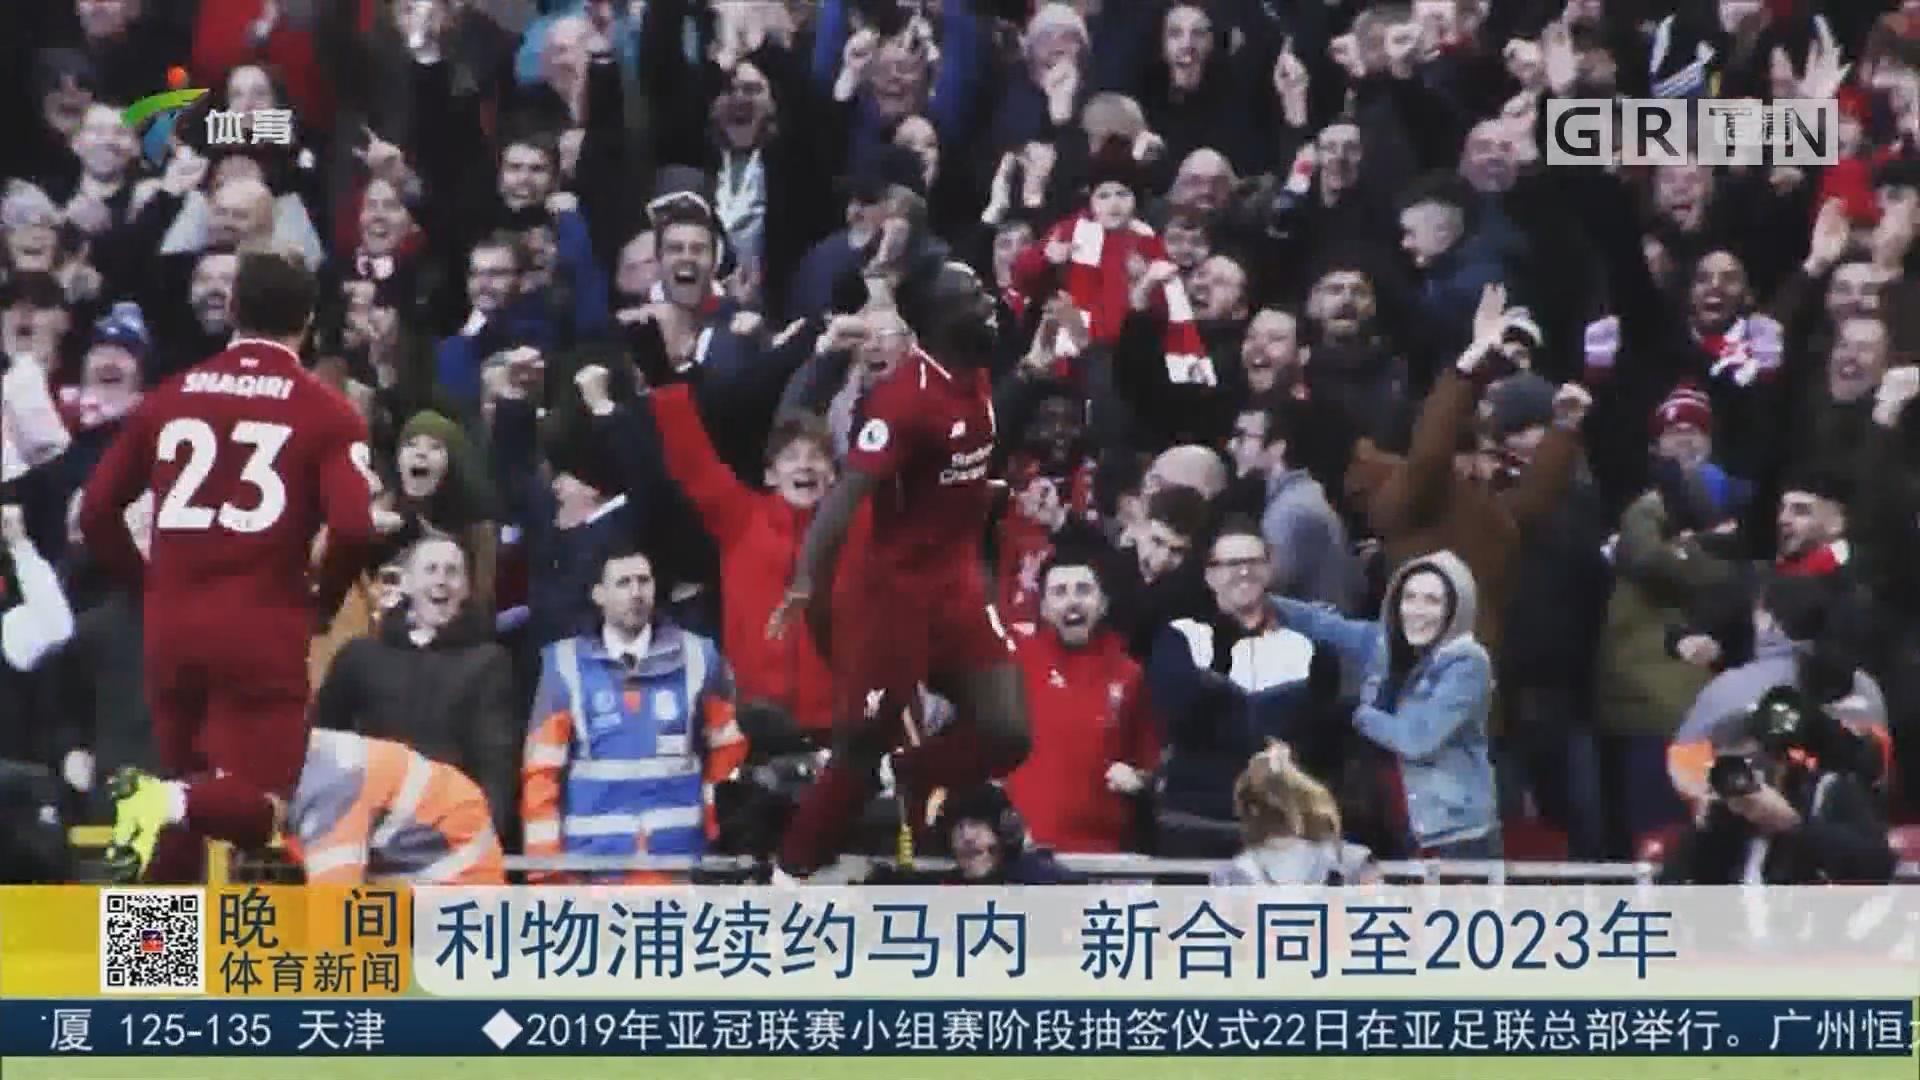 利物浦续约马内 新合同至2023年